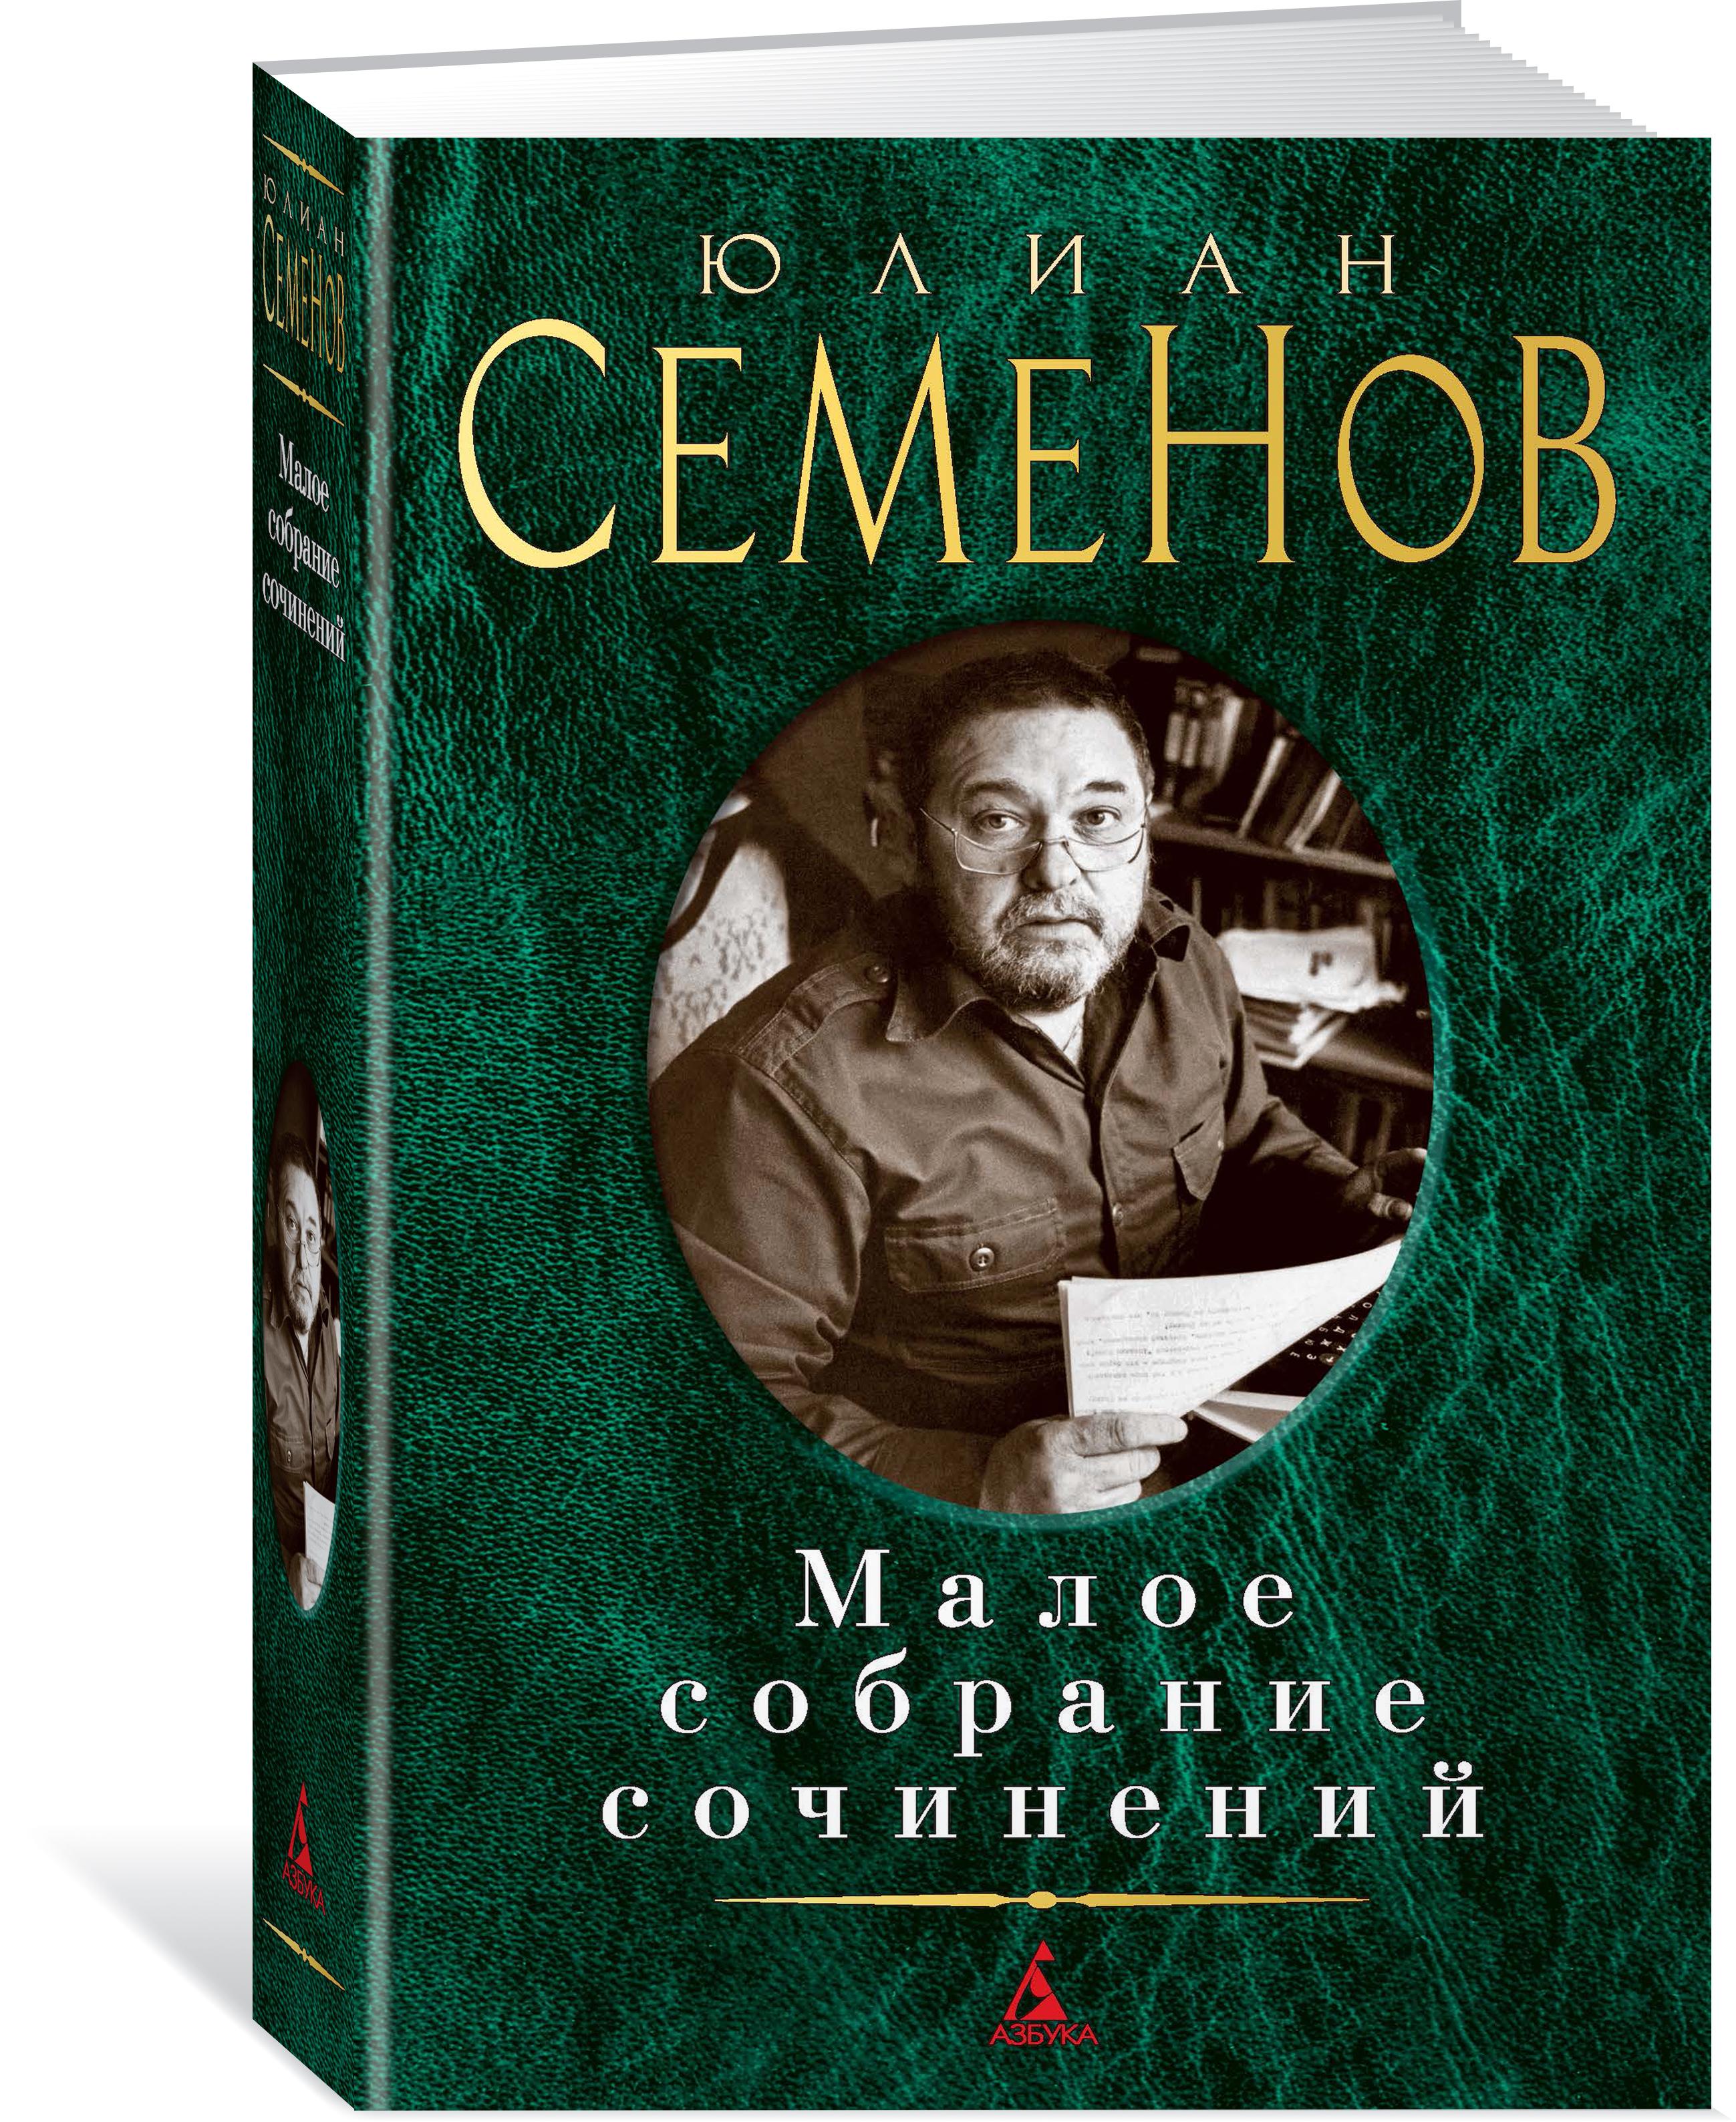 Юлиан Семенов Малое собрание сочинений